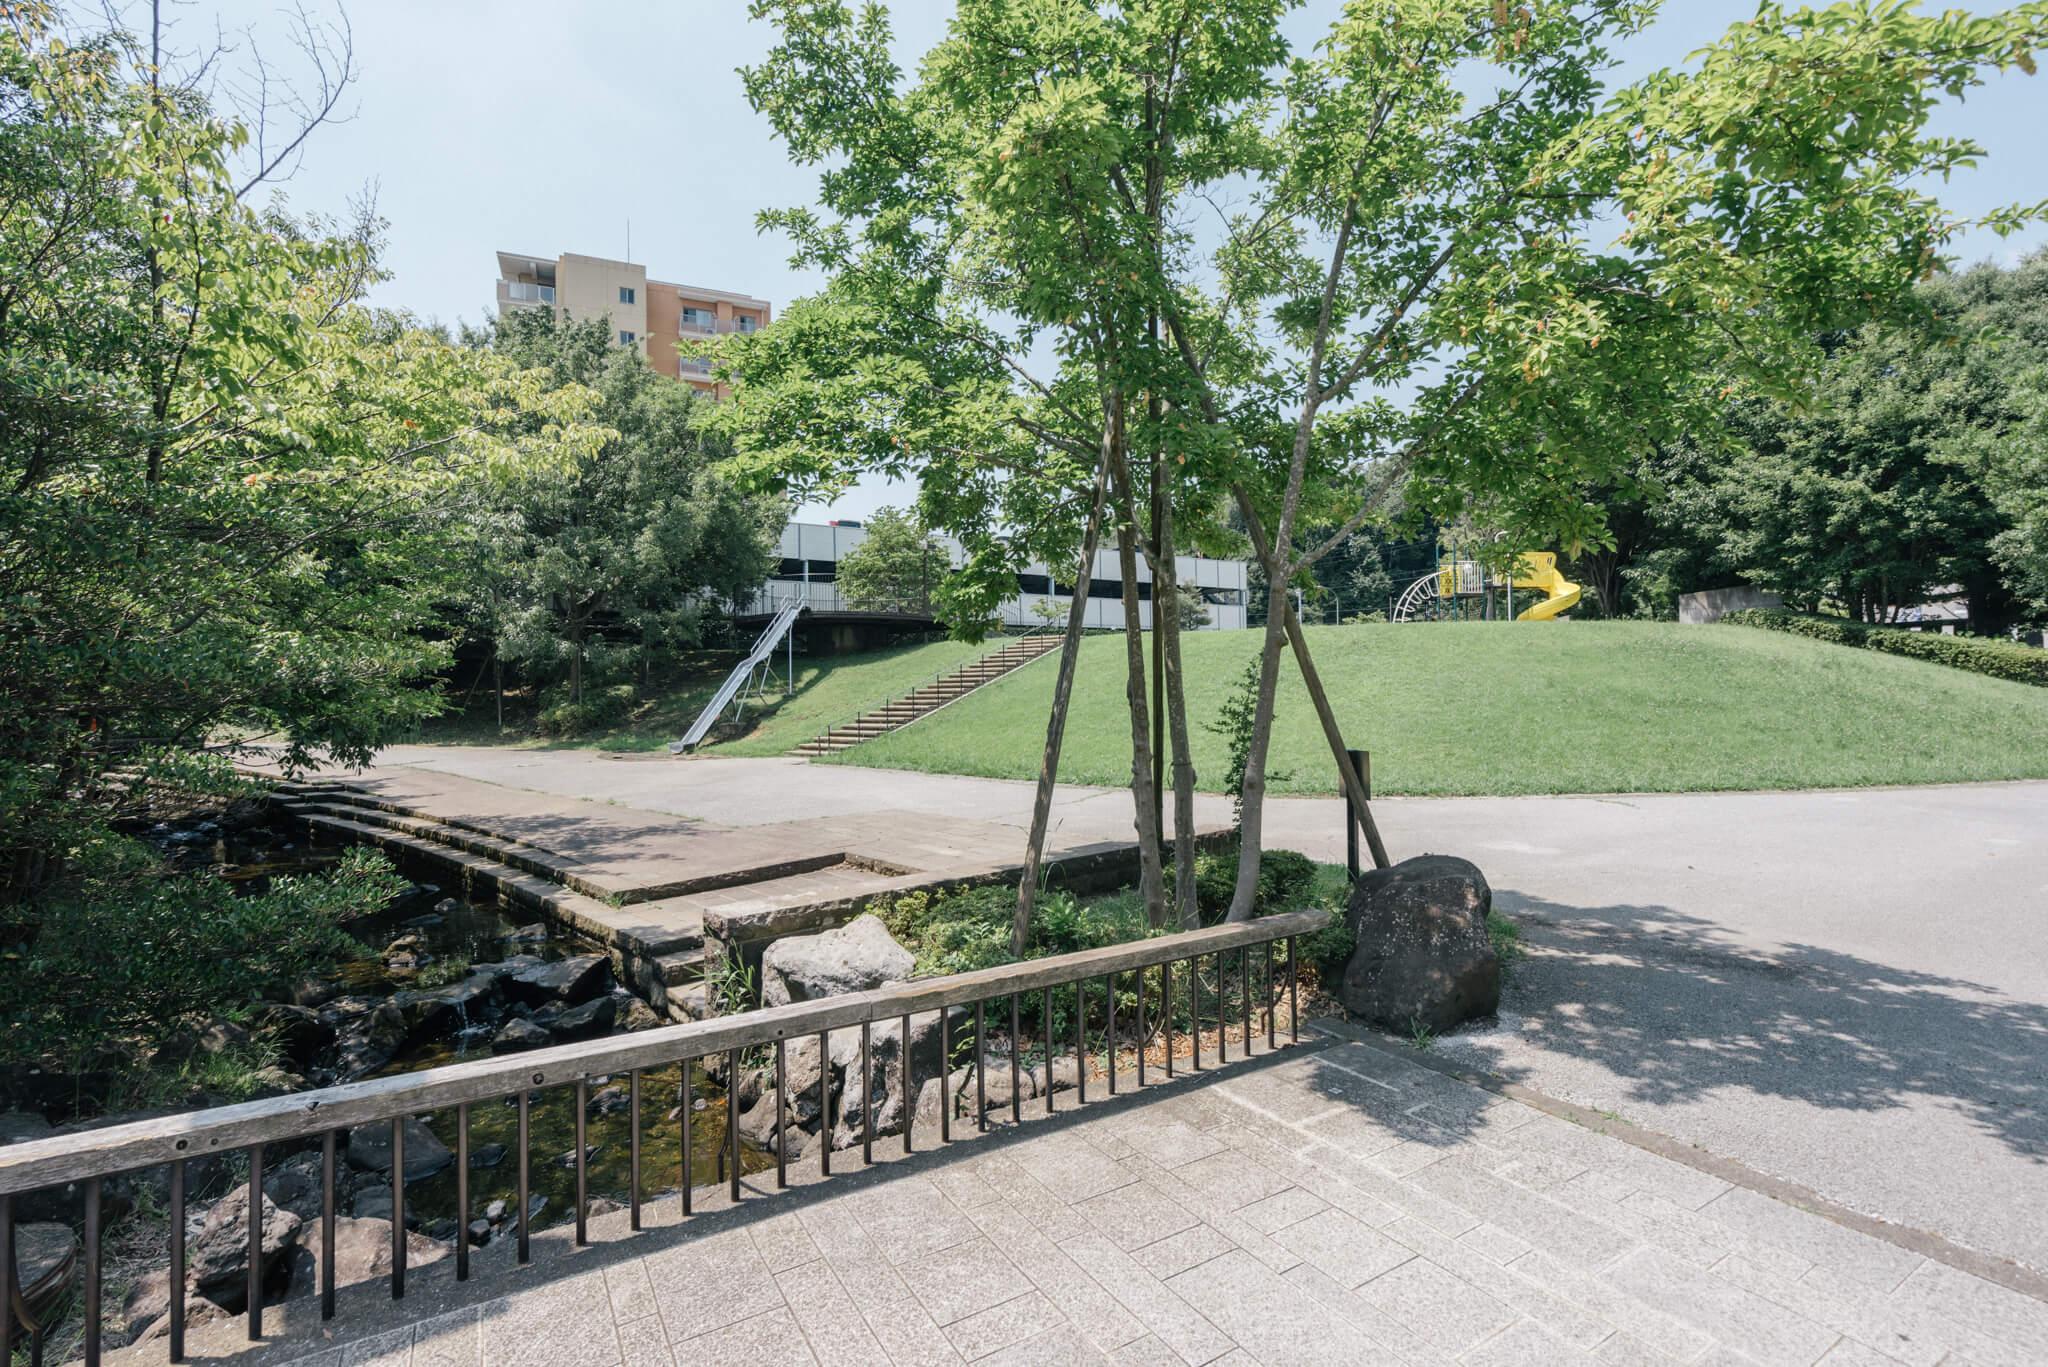 長池公園以外にも、緑道の周囲には小さな広場や、公園など、子どもたちの遊び場となる場所がたくさんあります。のびのび成長できる環境ですね。